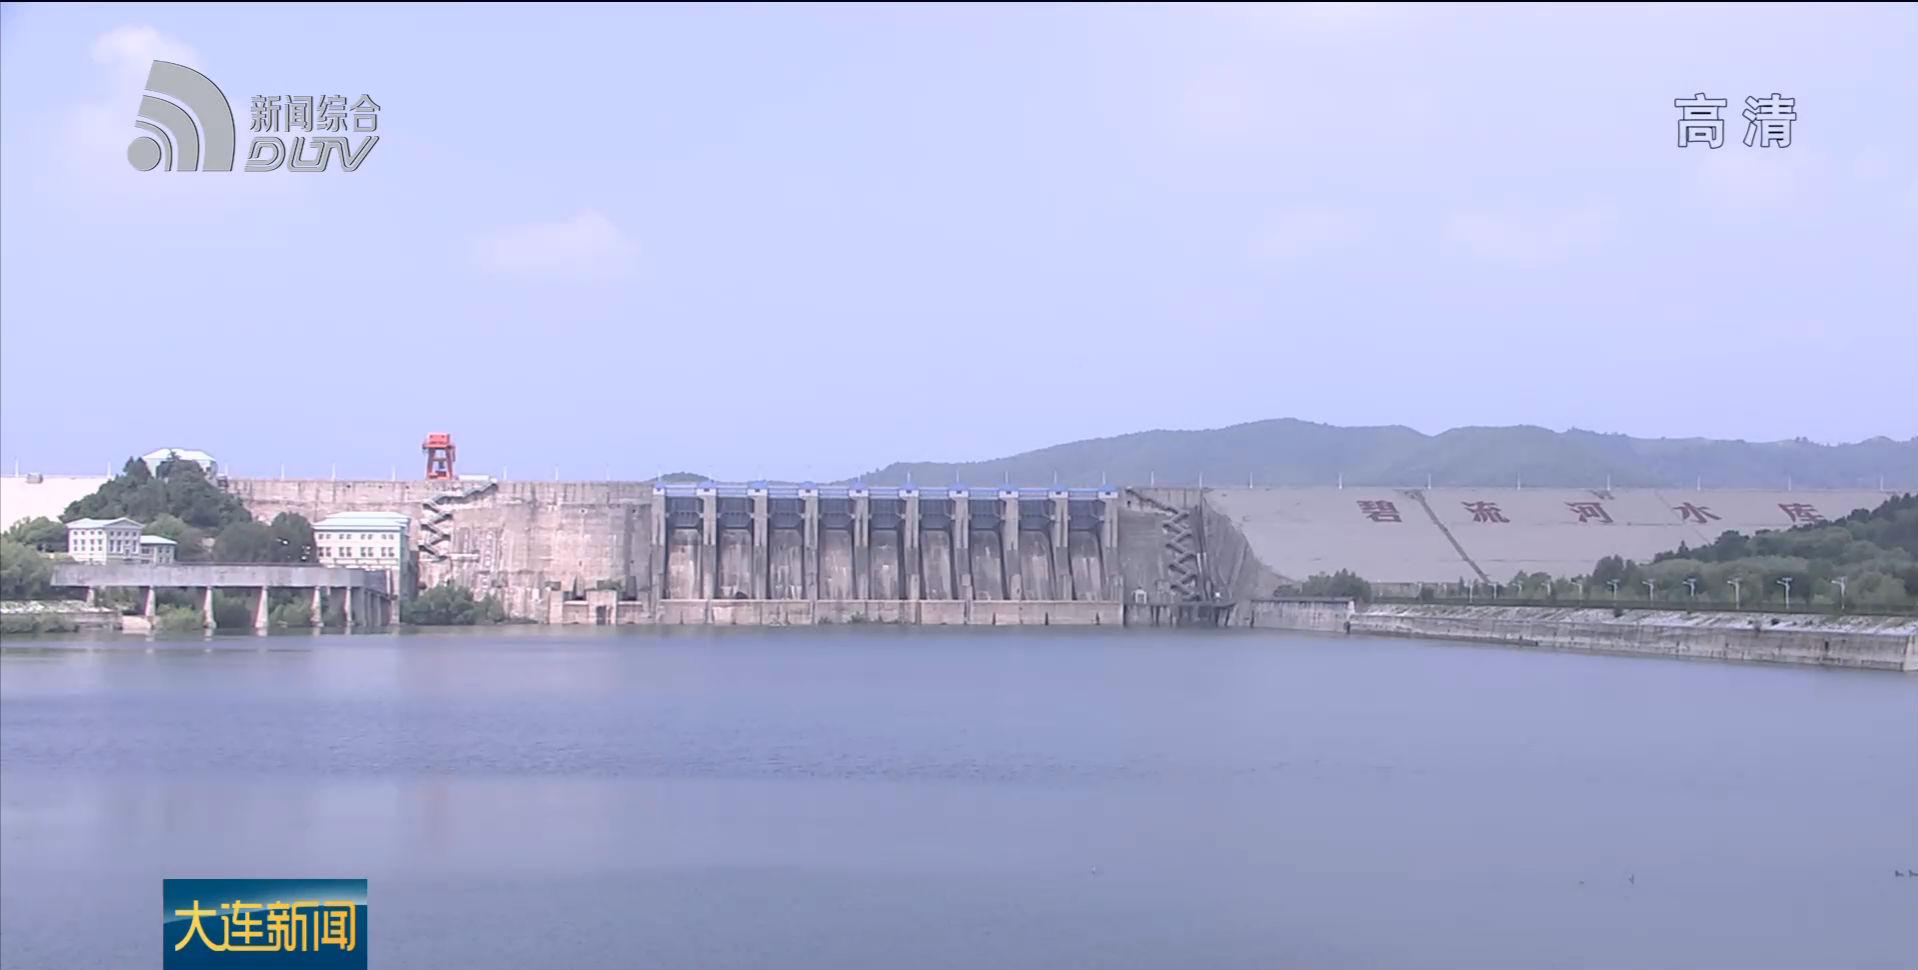 全市204座水库总蓄水量近12亿立方米